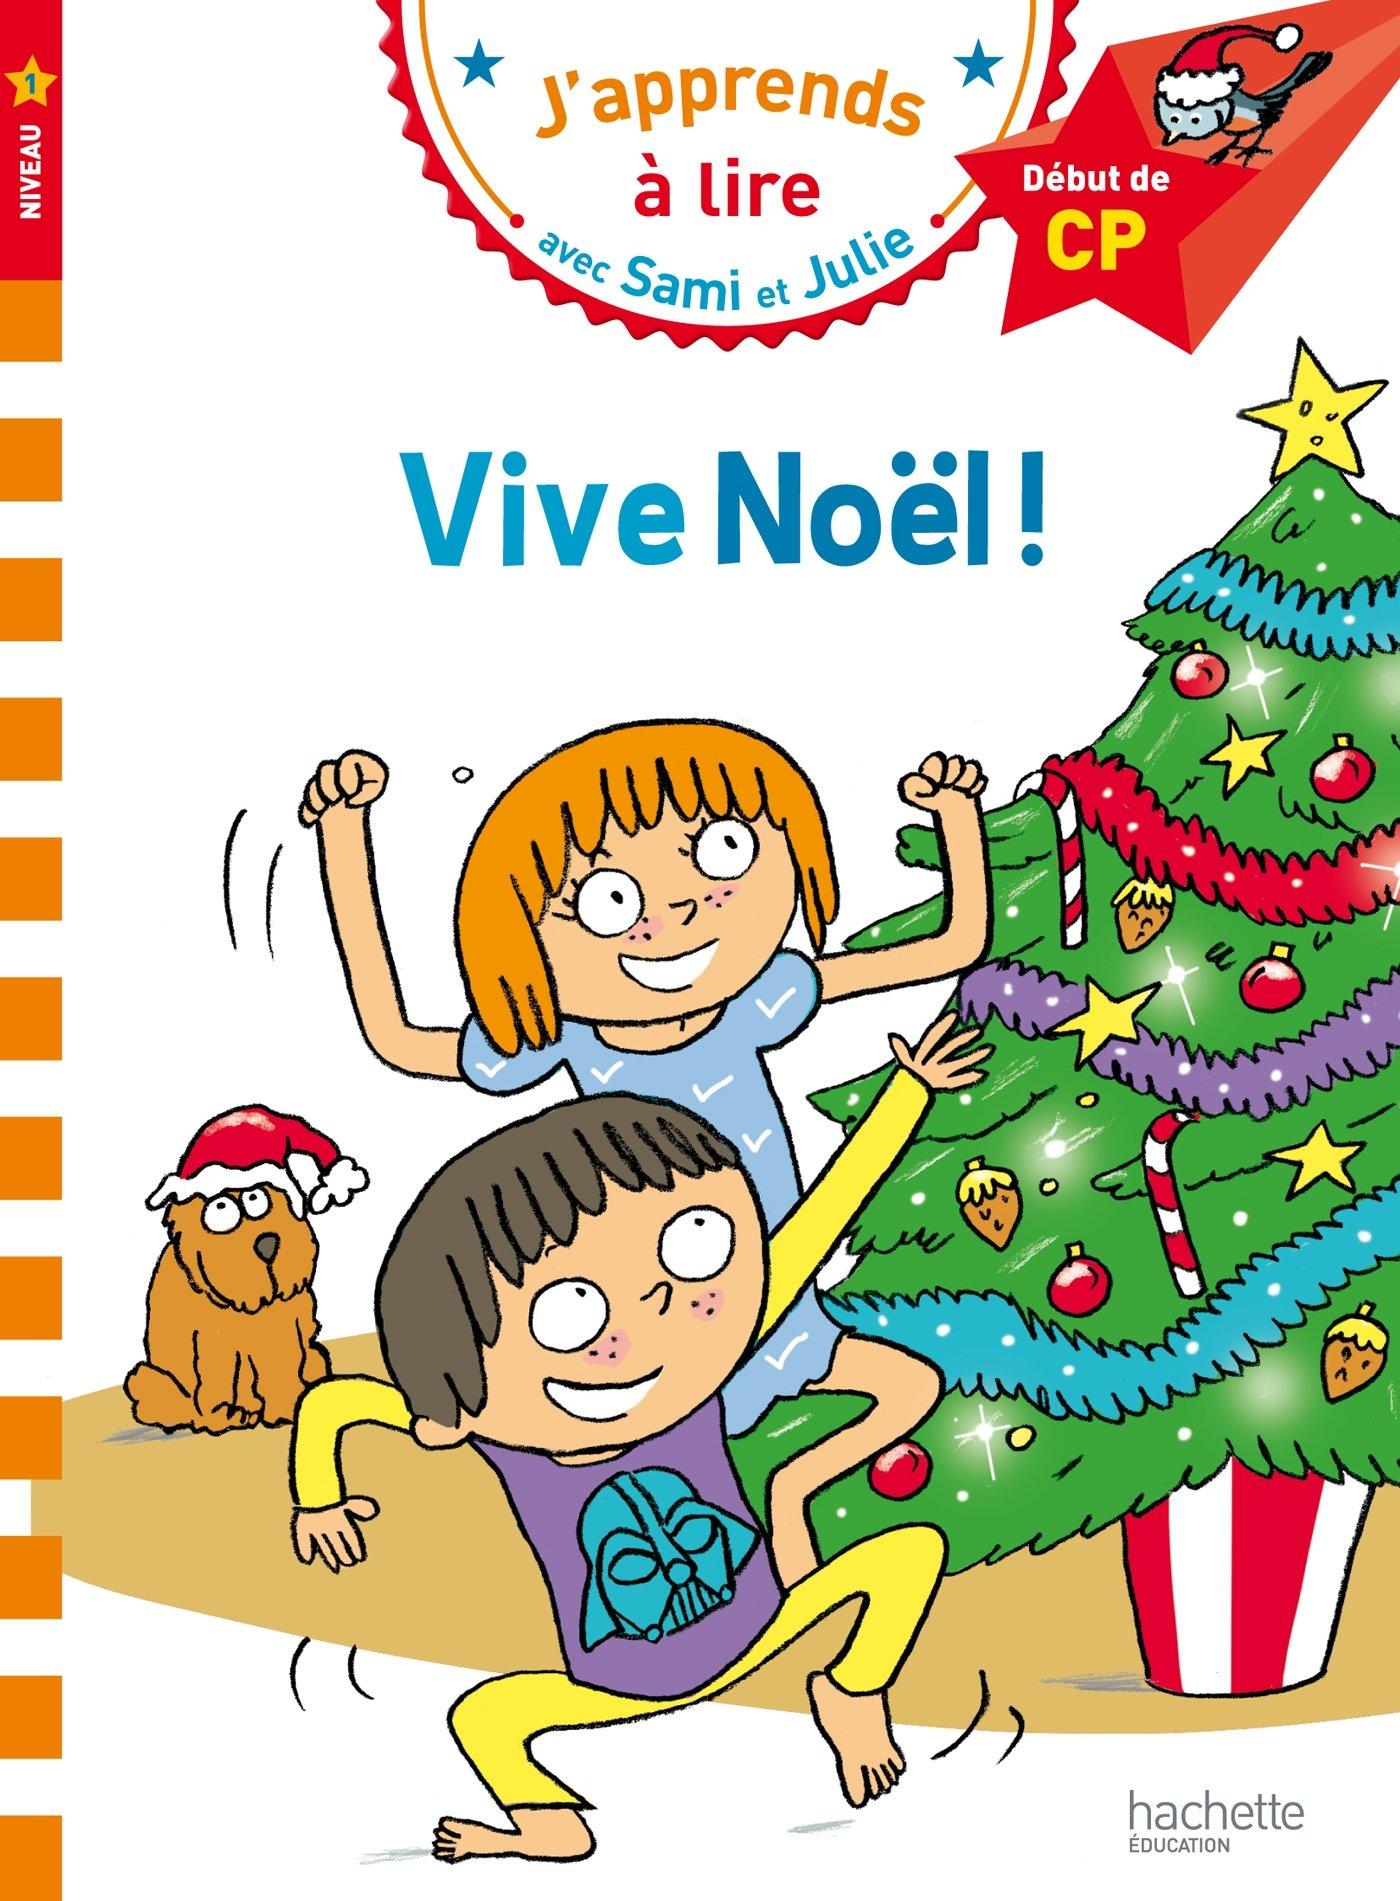 vive noel Vive Noel: Amazon.co.uk: Therese Bonte: 9782012903807: Books vive noel